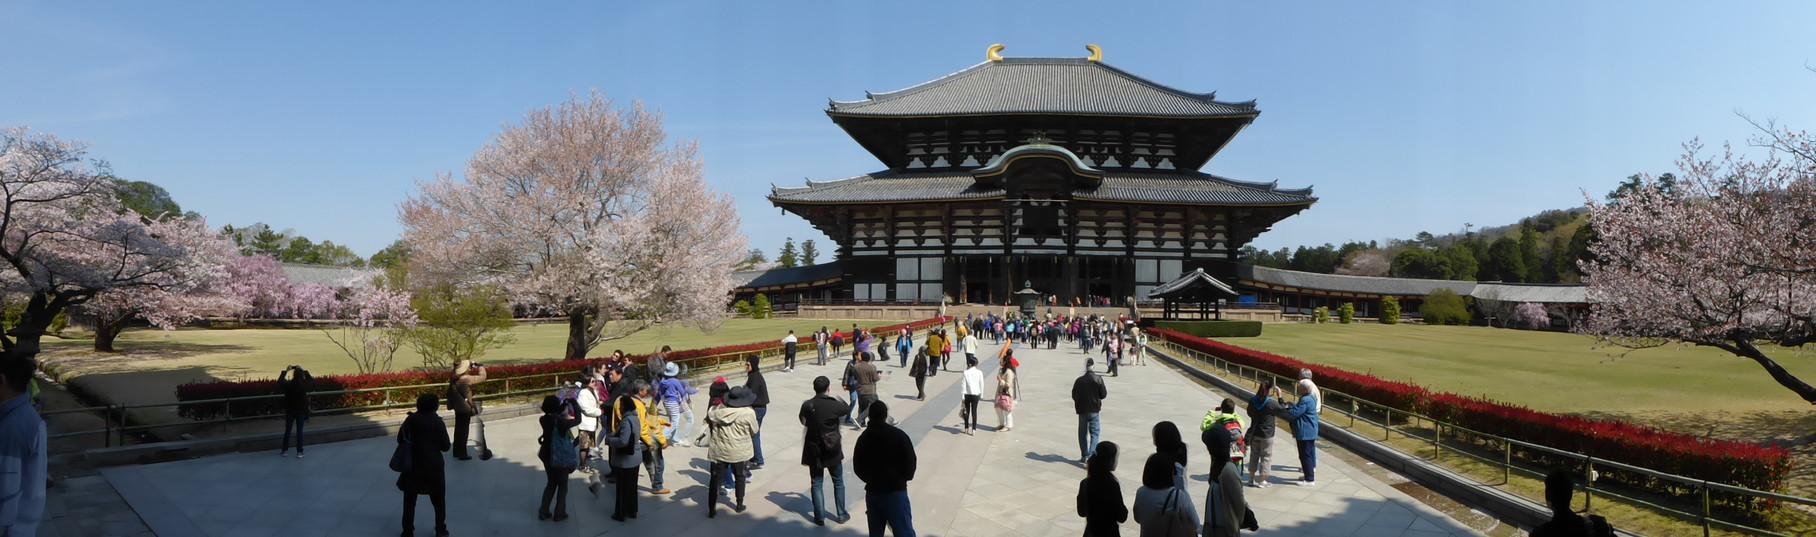 Todaiji-Tempel  Nara/Japan